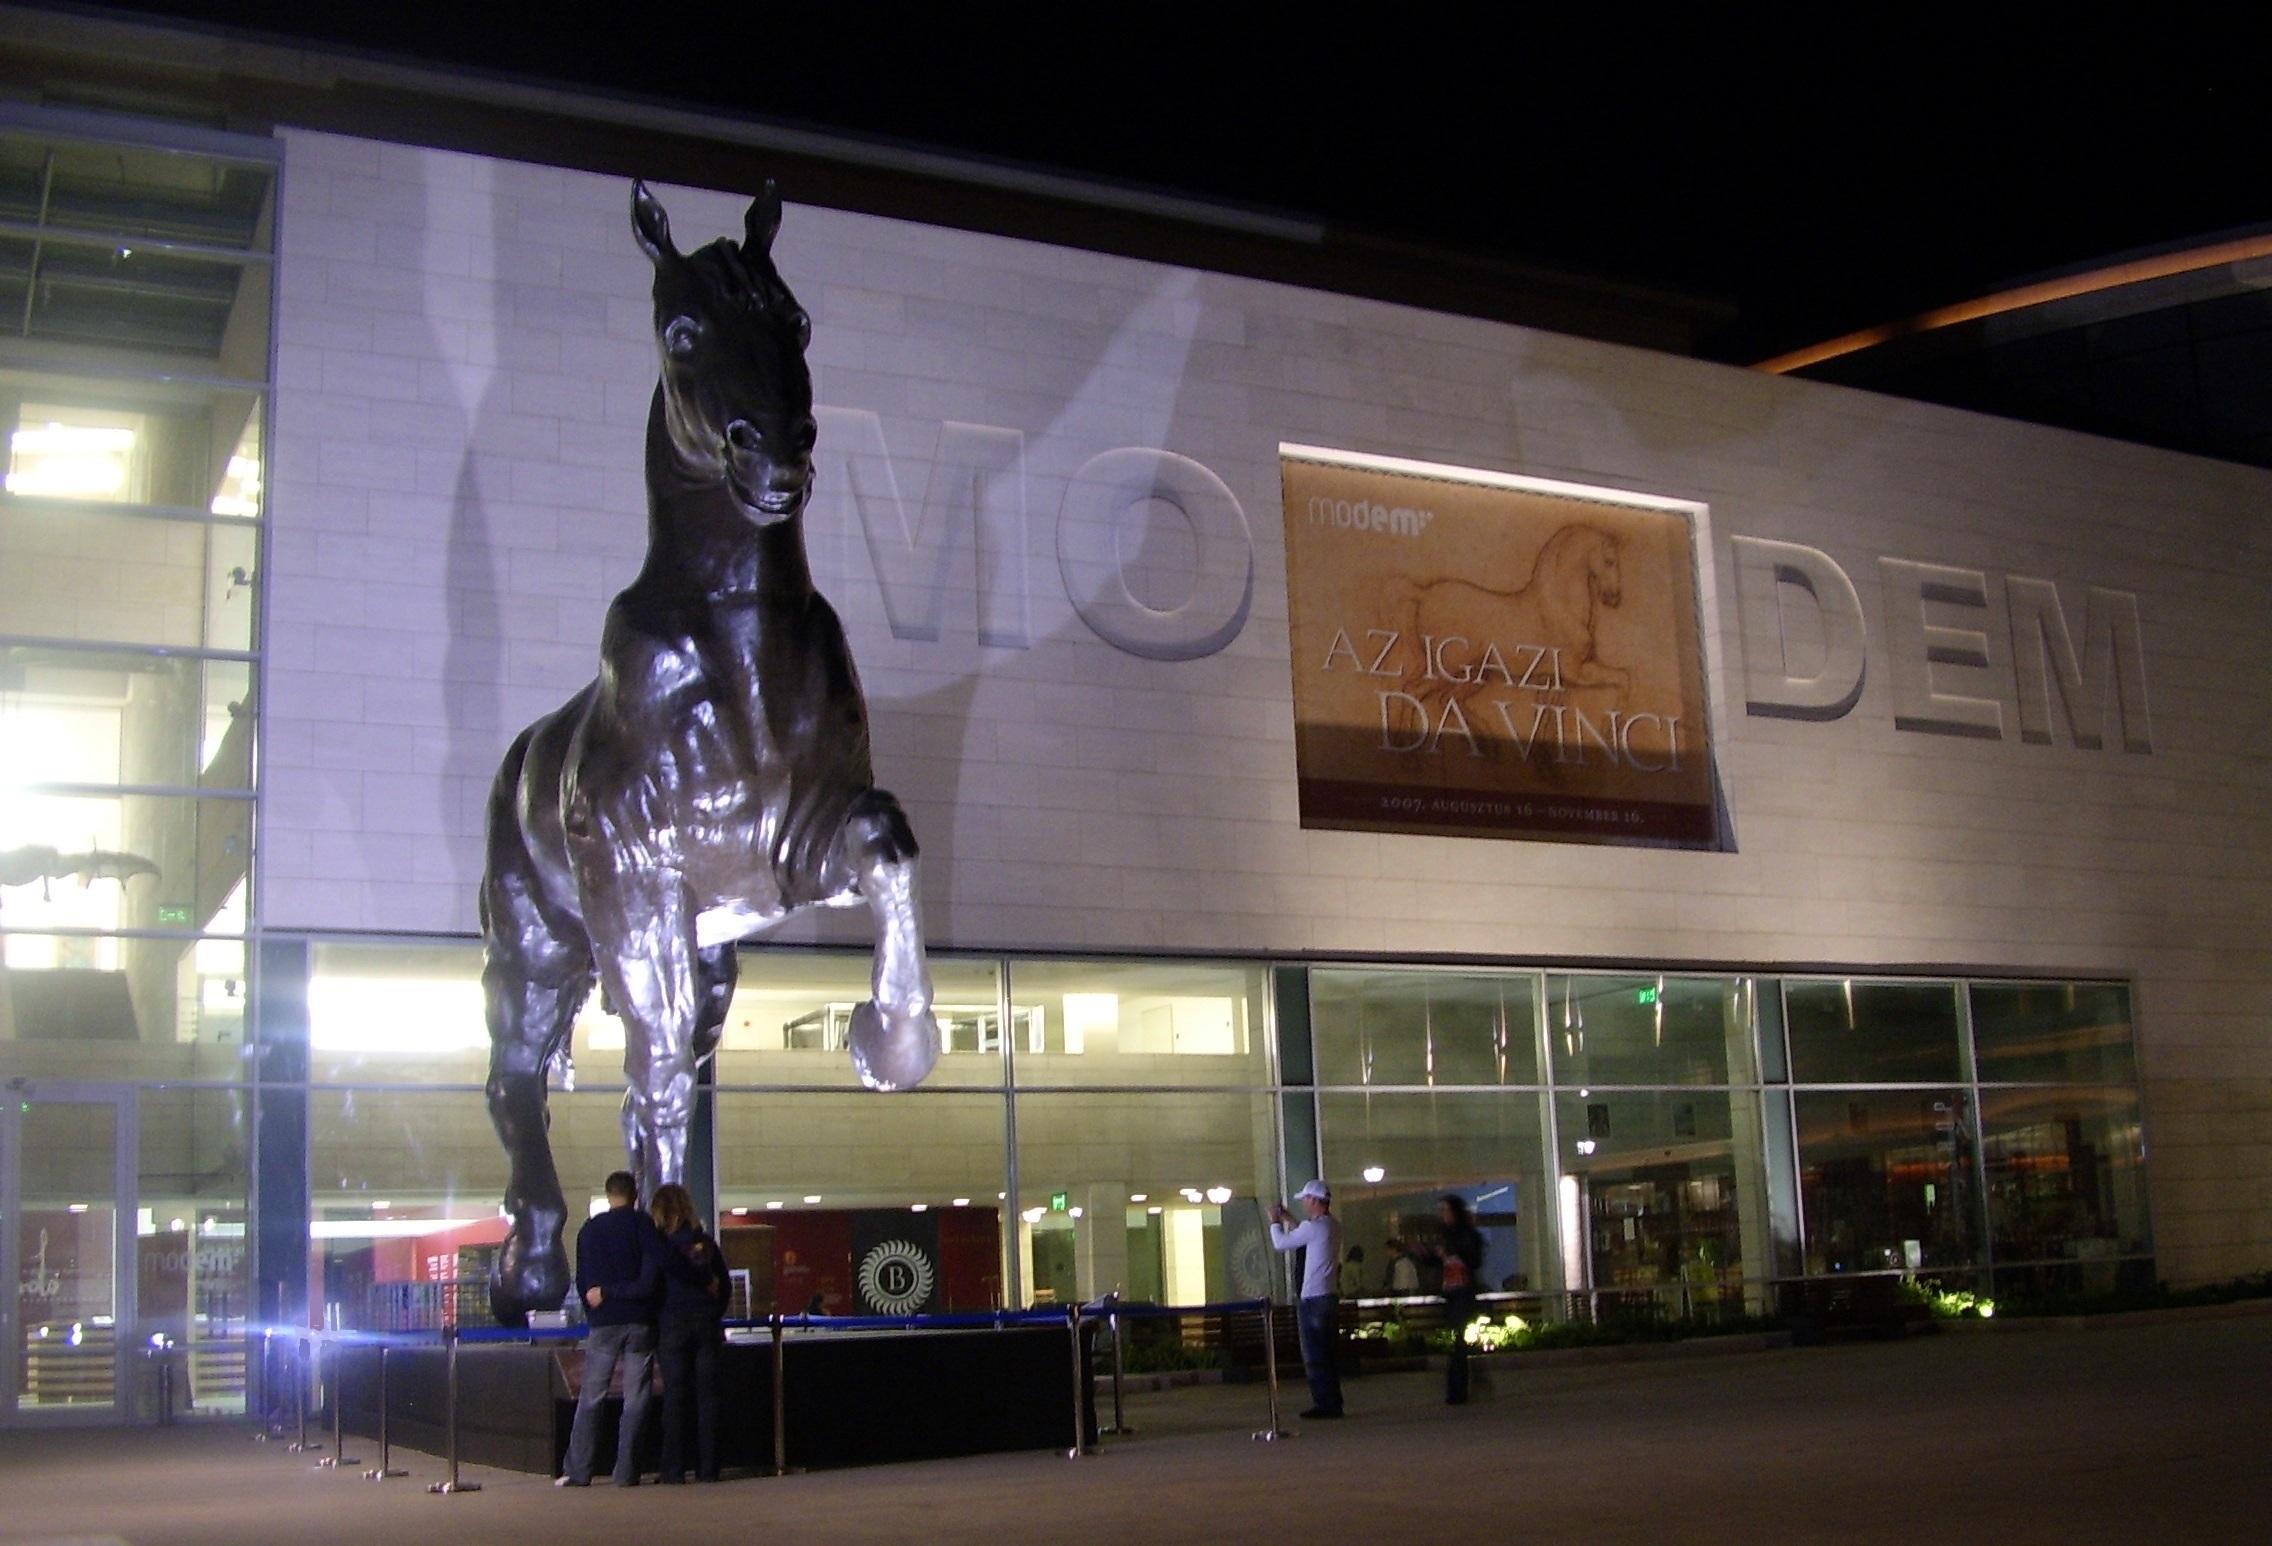 A MODEM Az igazi Da Vinci című kiállítás idején 2007-ben